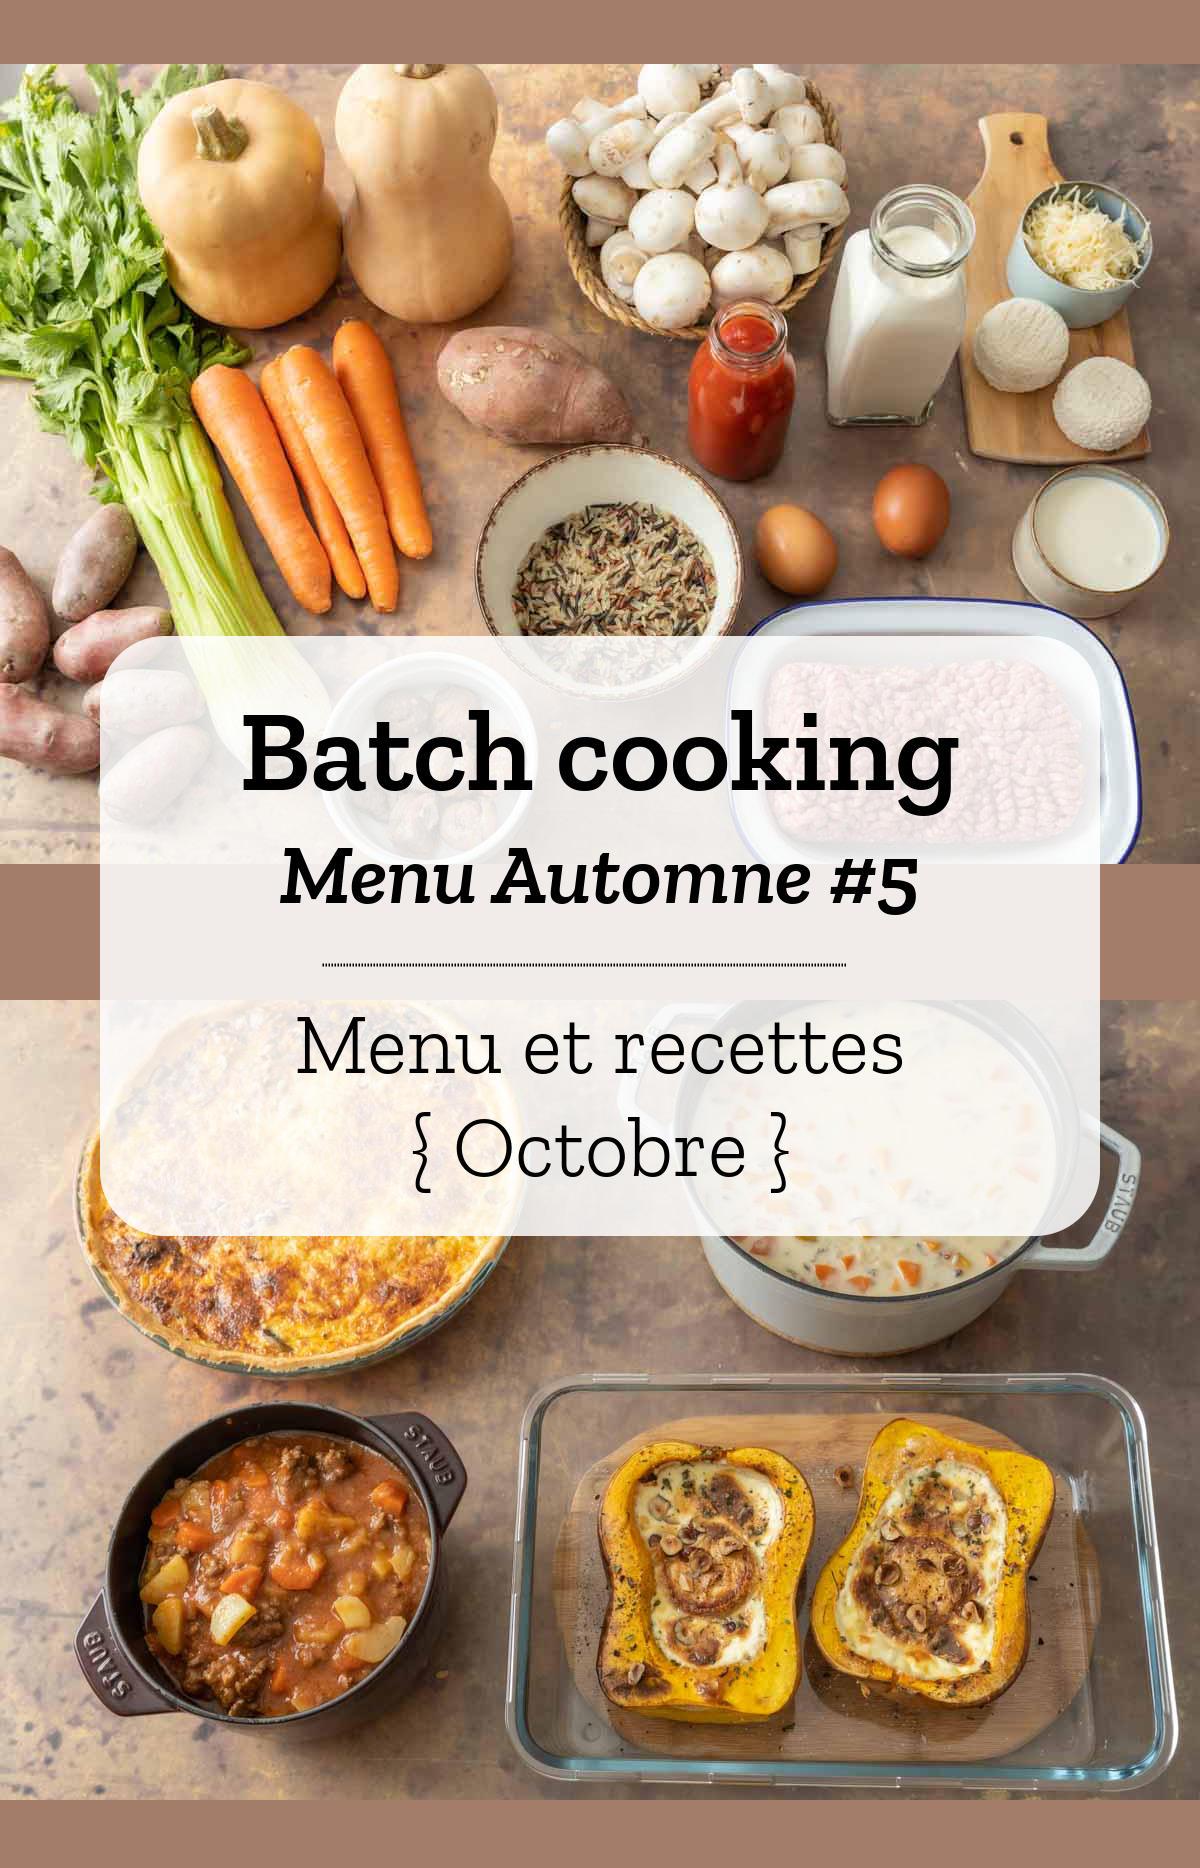 Batch cooking Automne #5 - Mois d\'Octobre - Semaine 43